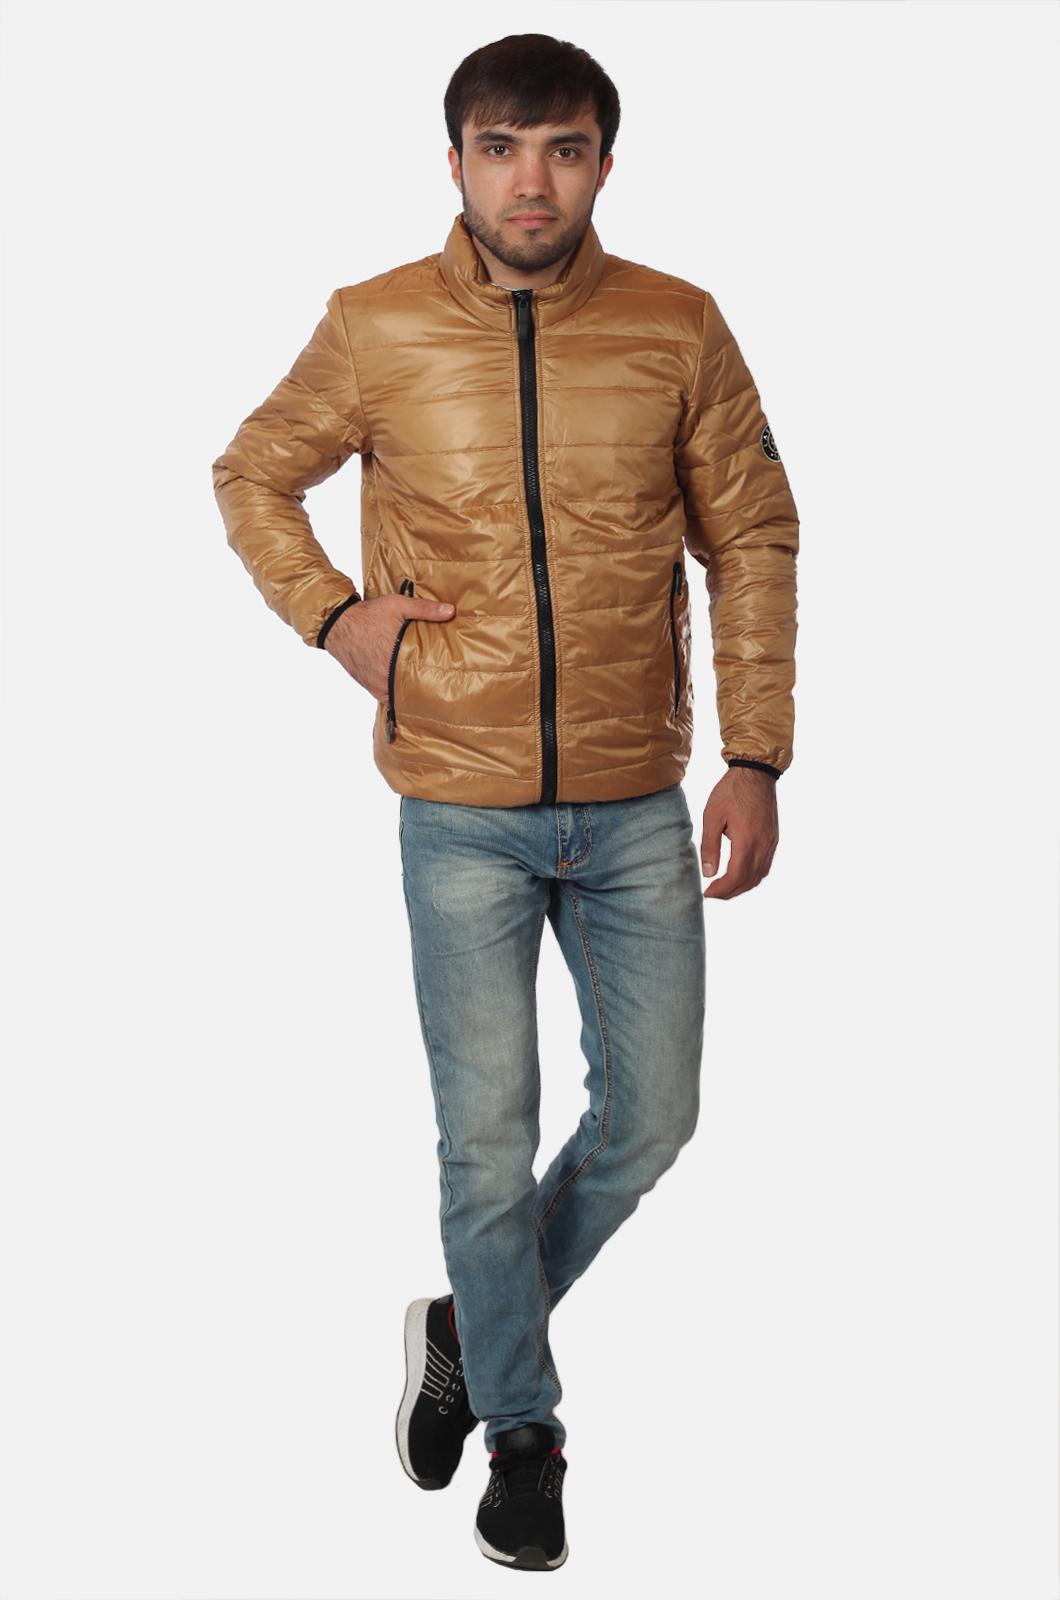 Светло-коричневая мужская куртка Layinsck доступна для заказа в Военпро